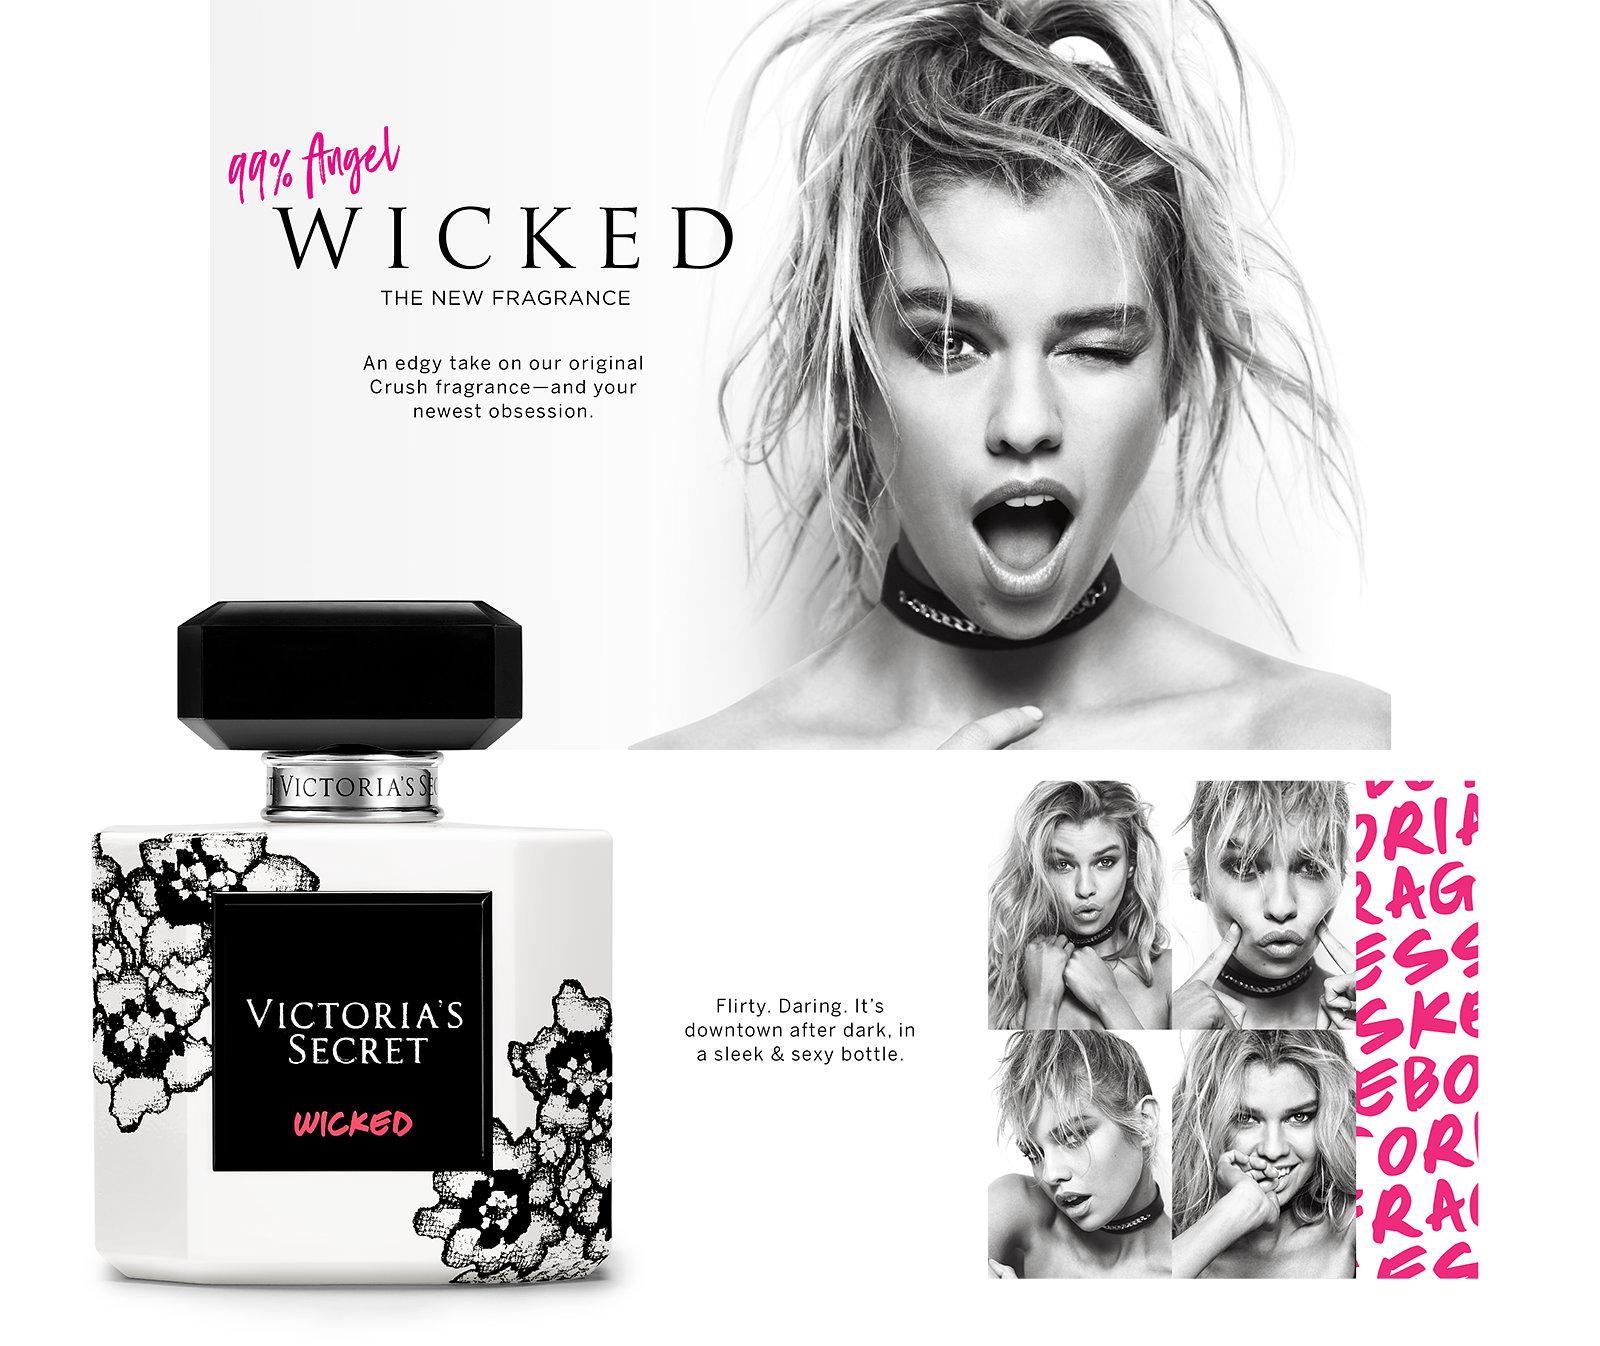 d601e141ed Victoria s Secret x Wicked - Wicked Wines